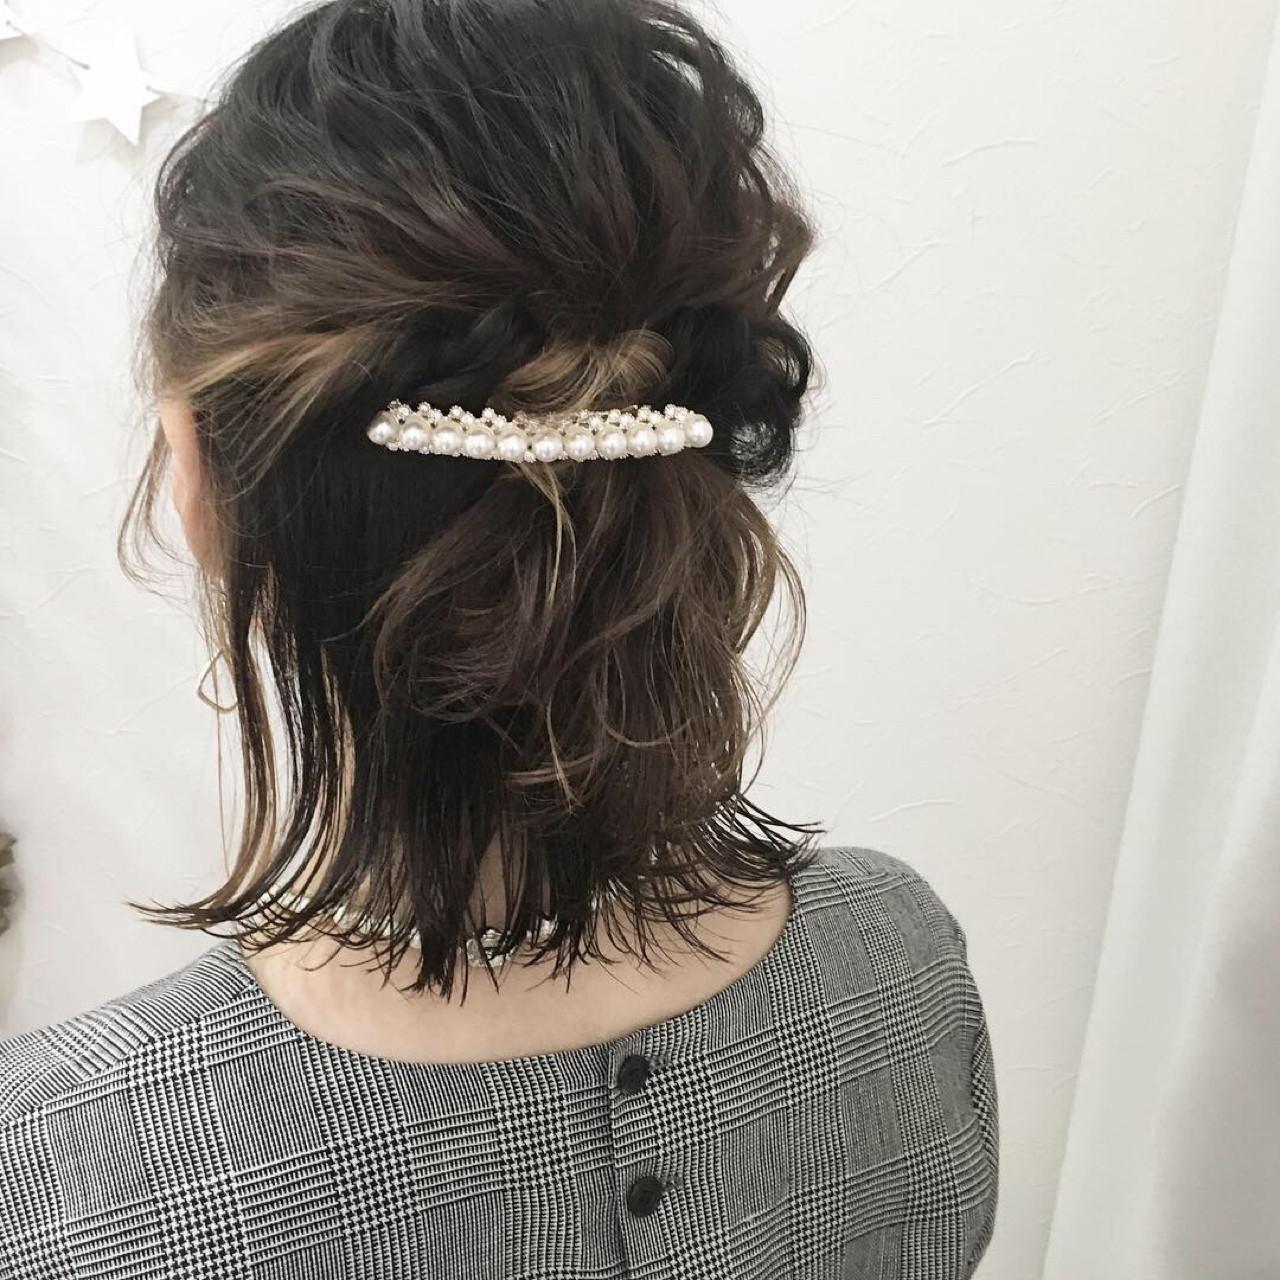 インナーカラー ハーフアップ ナチュラル 結婚式 ヘアスタイルや髪型の写真・画像